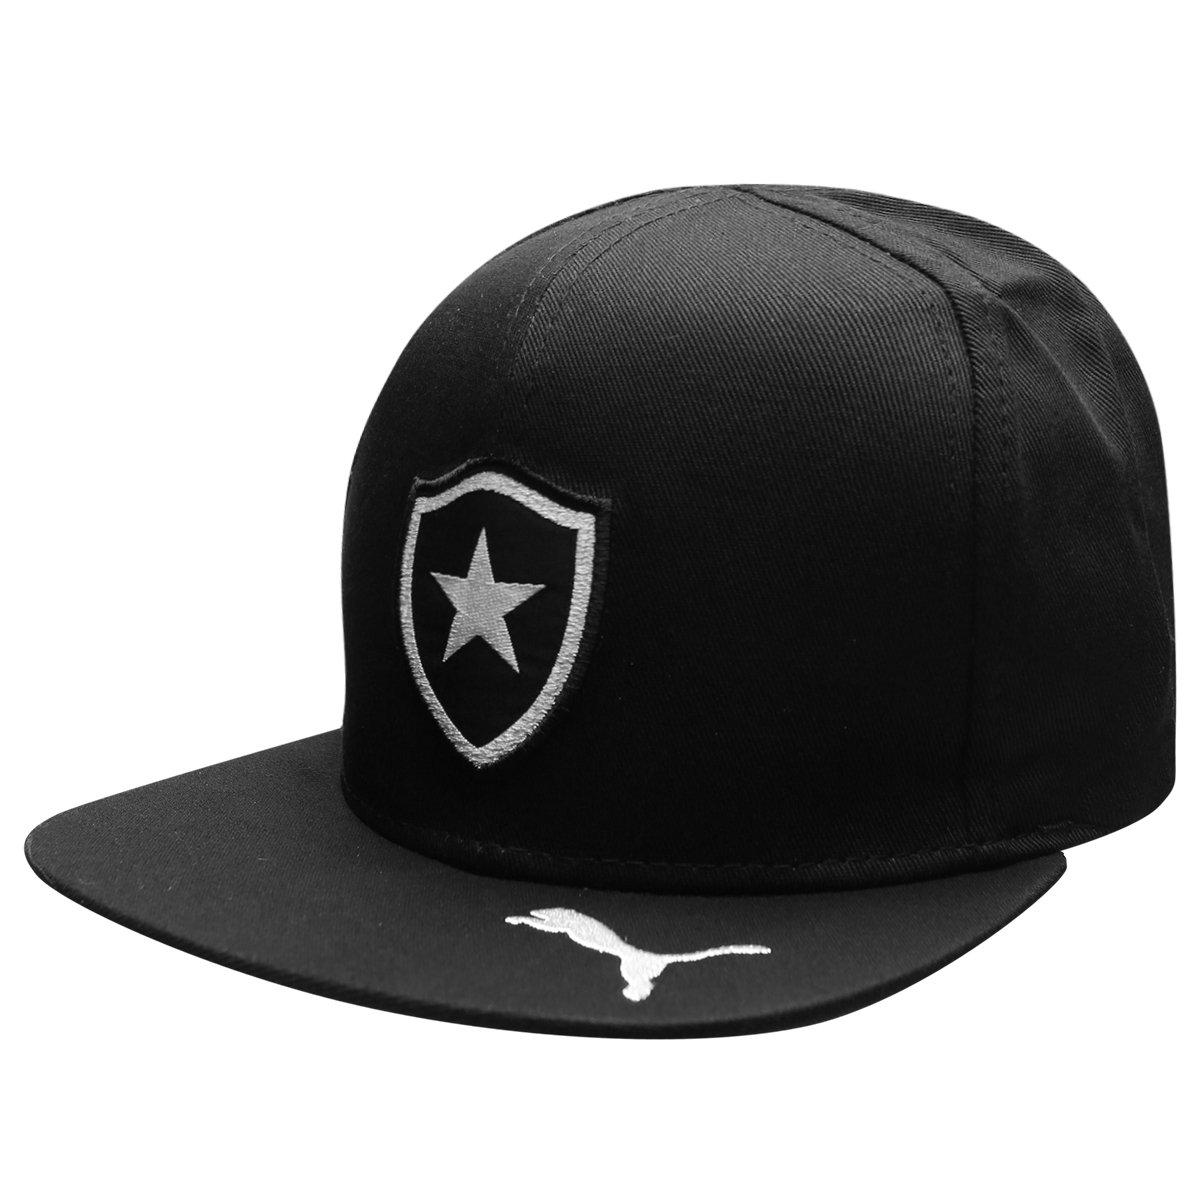 Boné Puma Botafogo 2015 - Compre Agora  a8f00820fbc0b